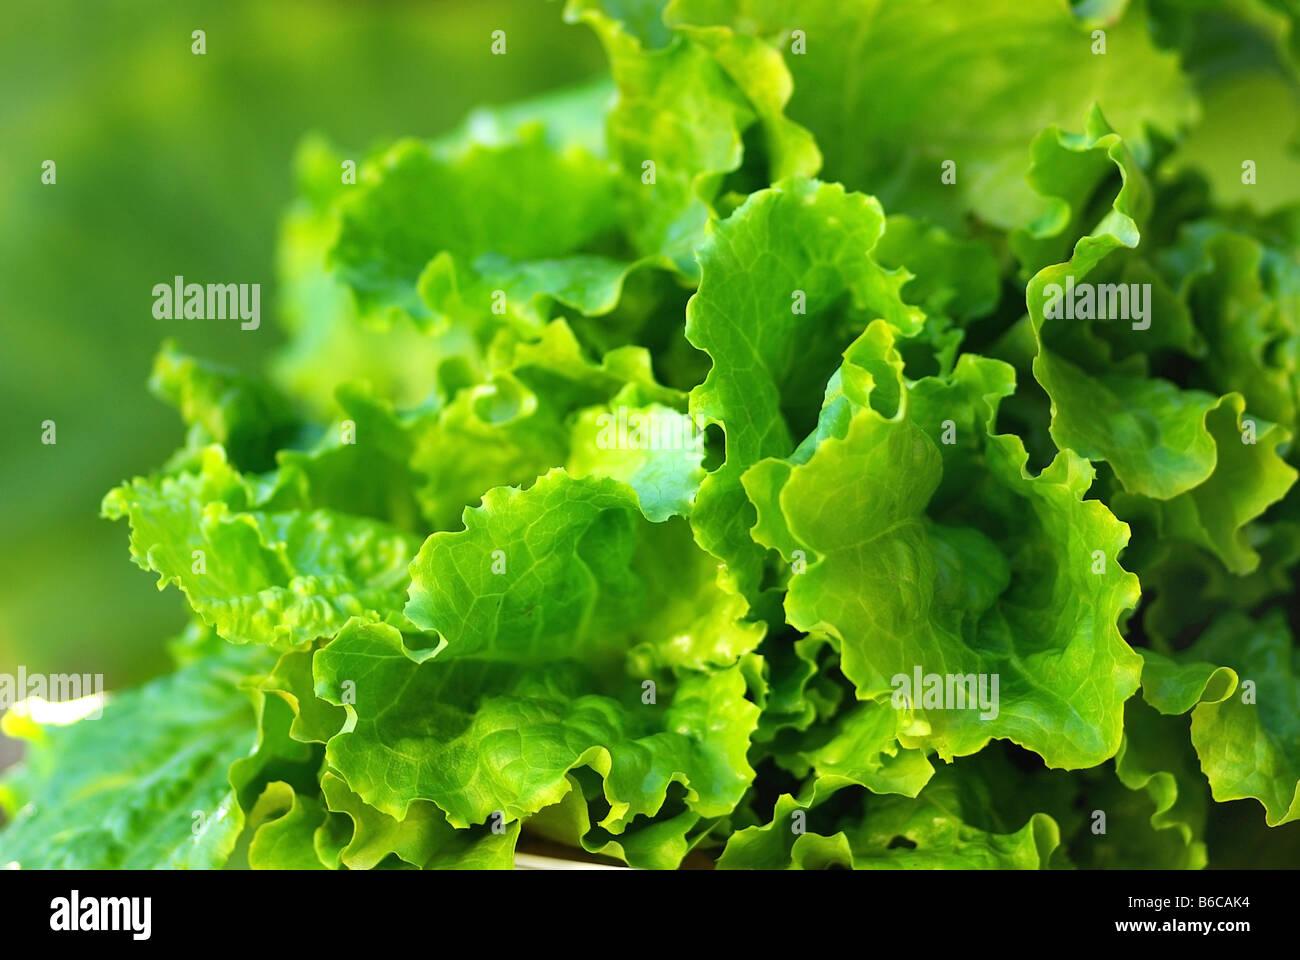 Green lettuce. - Stock Image